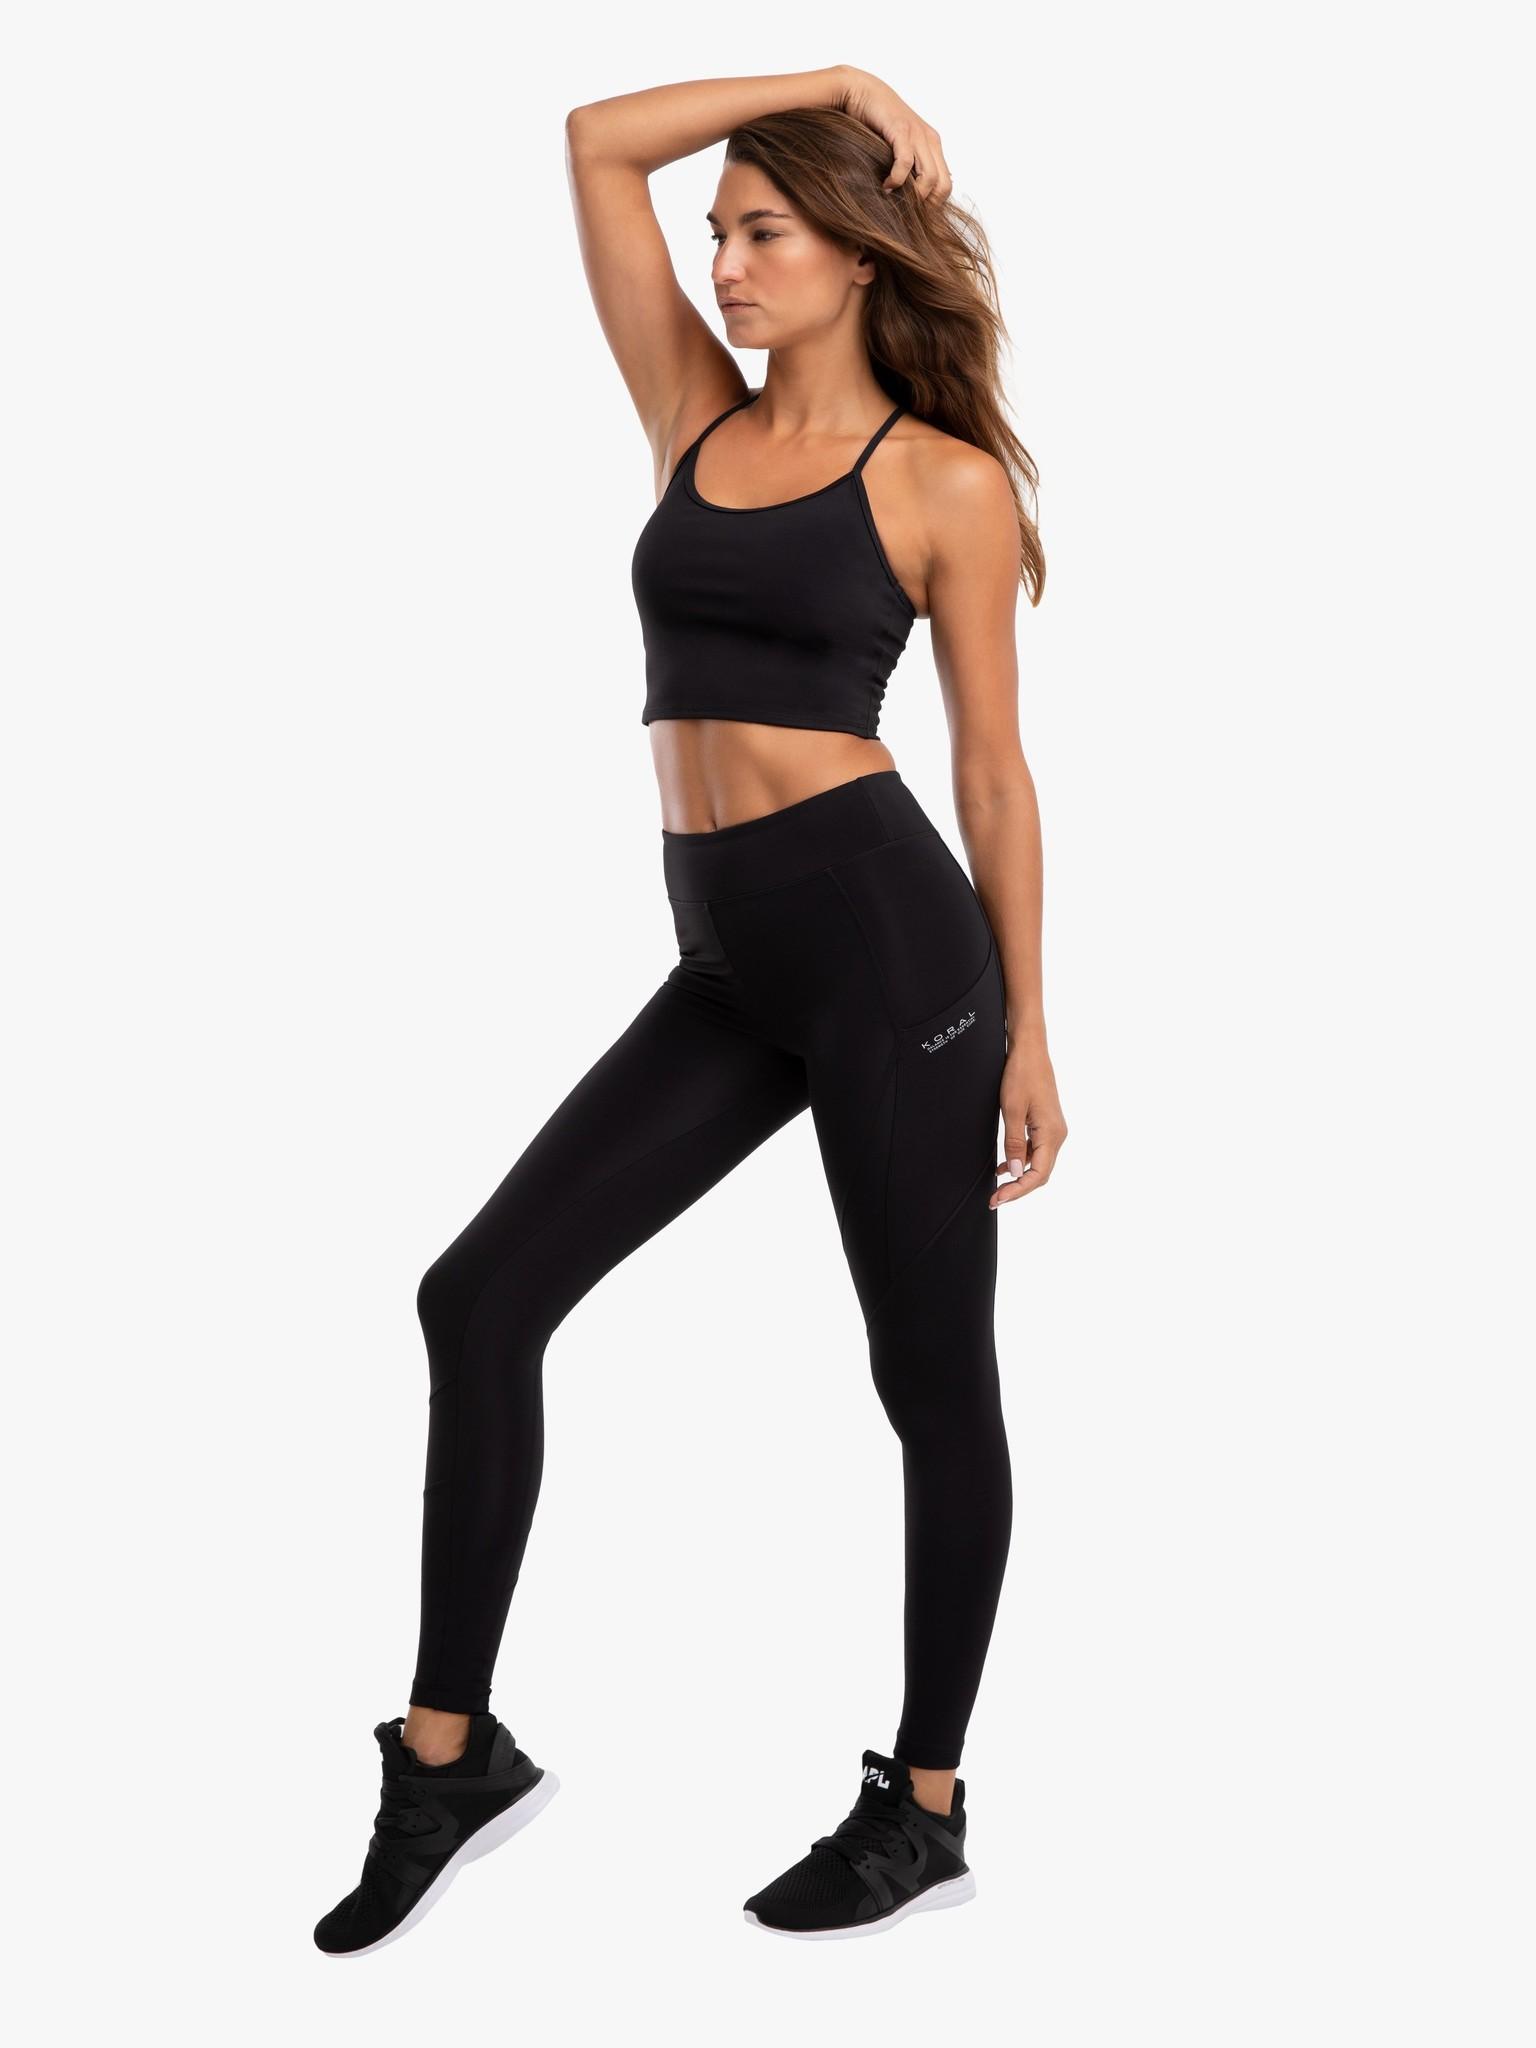 Koral Activewear Pista Blackout High Rise legging